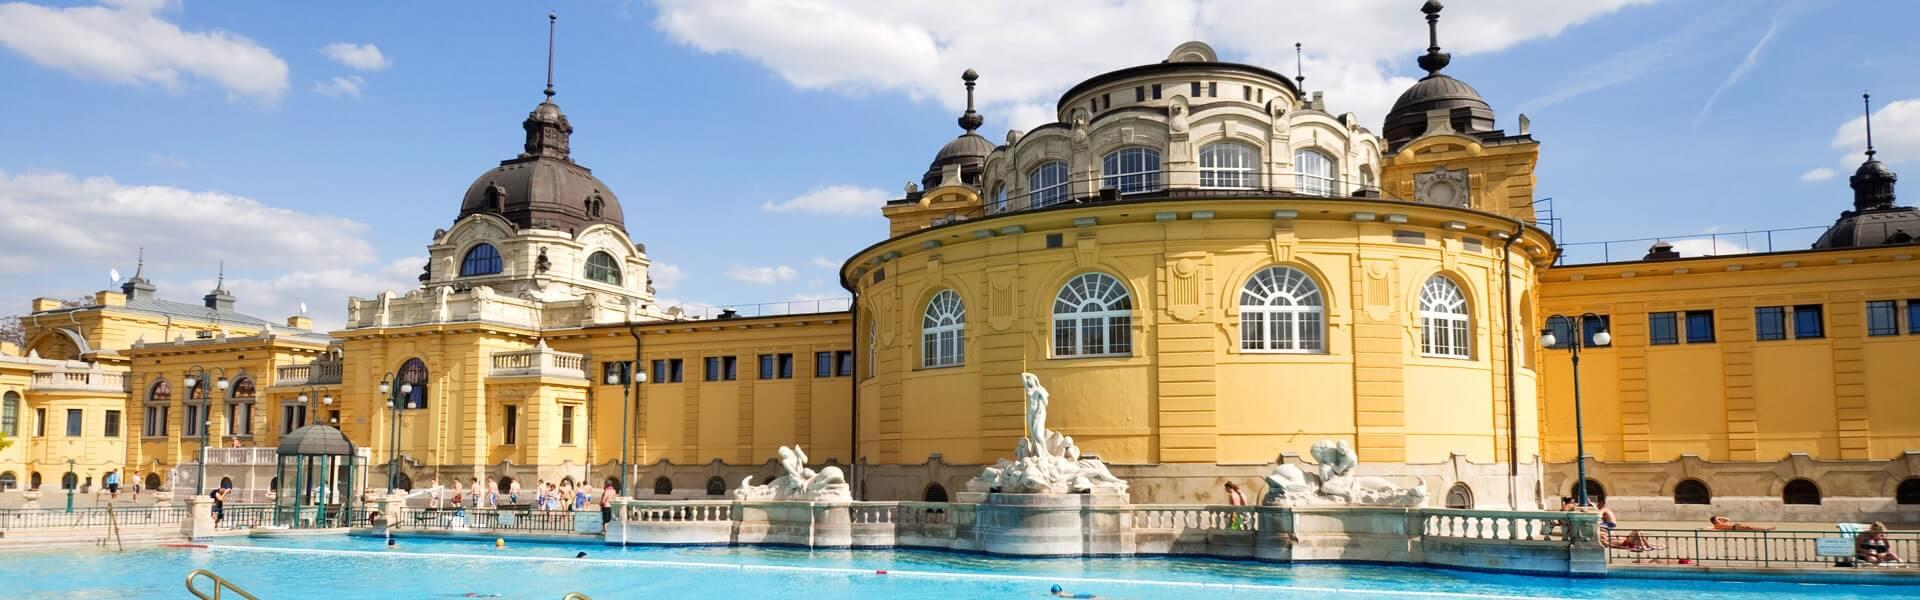 Die Thermalbäder Budapests besichtigen